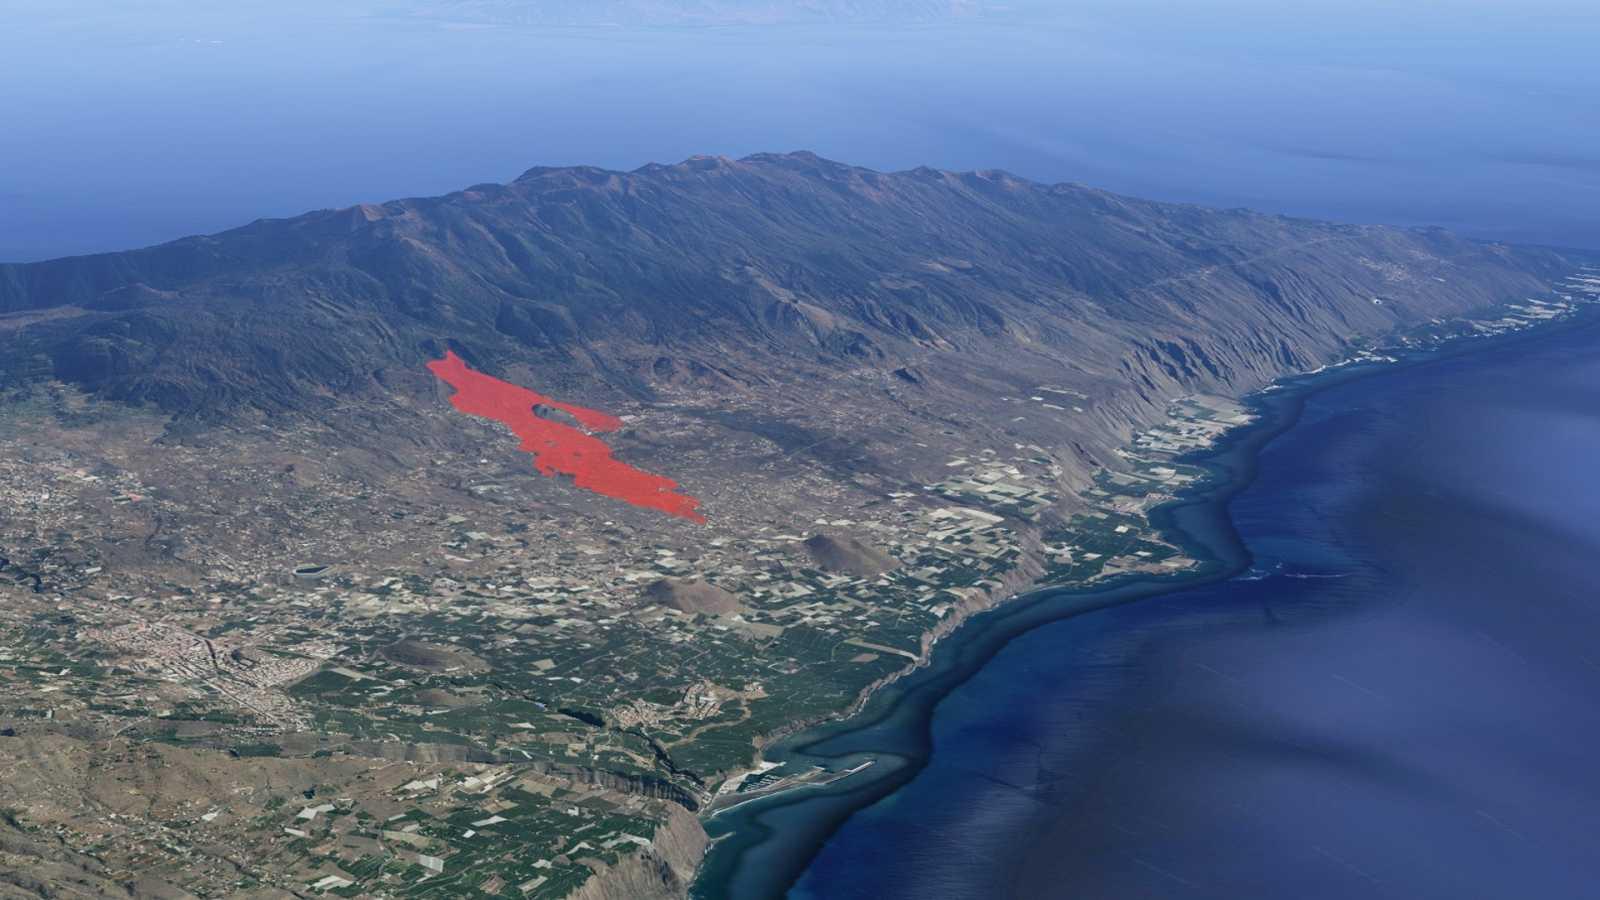 De los ríos de lava a las nubes de gas: cinco claves tras la primera semana de erupción en La Palma